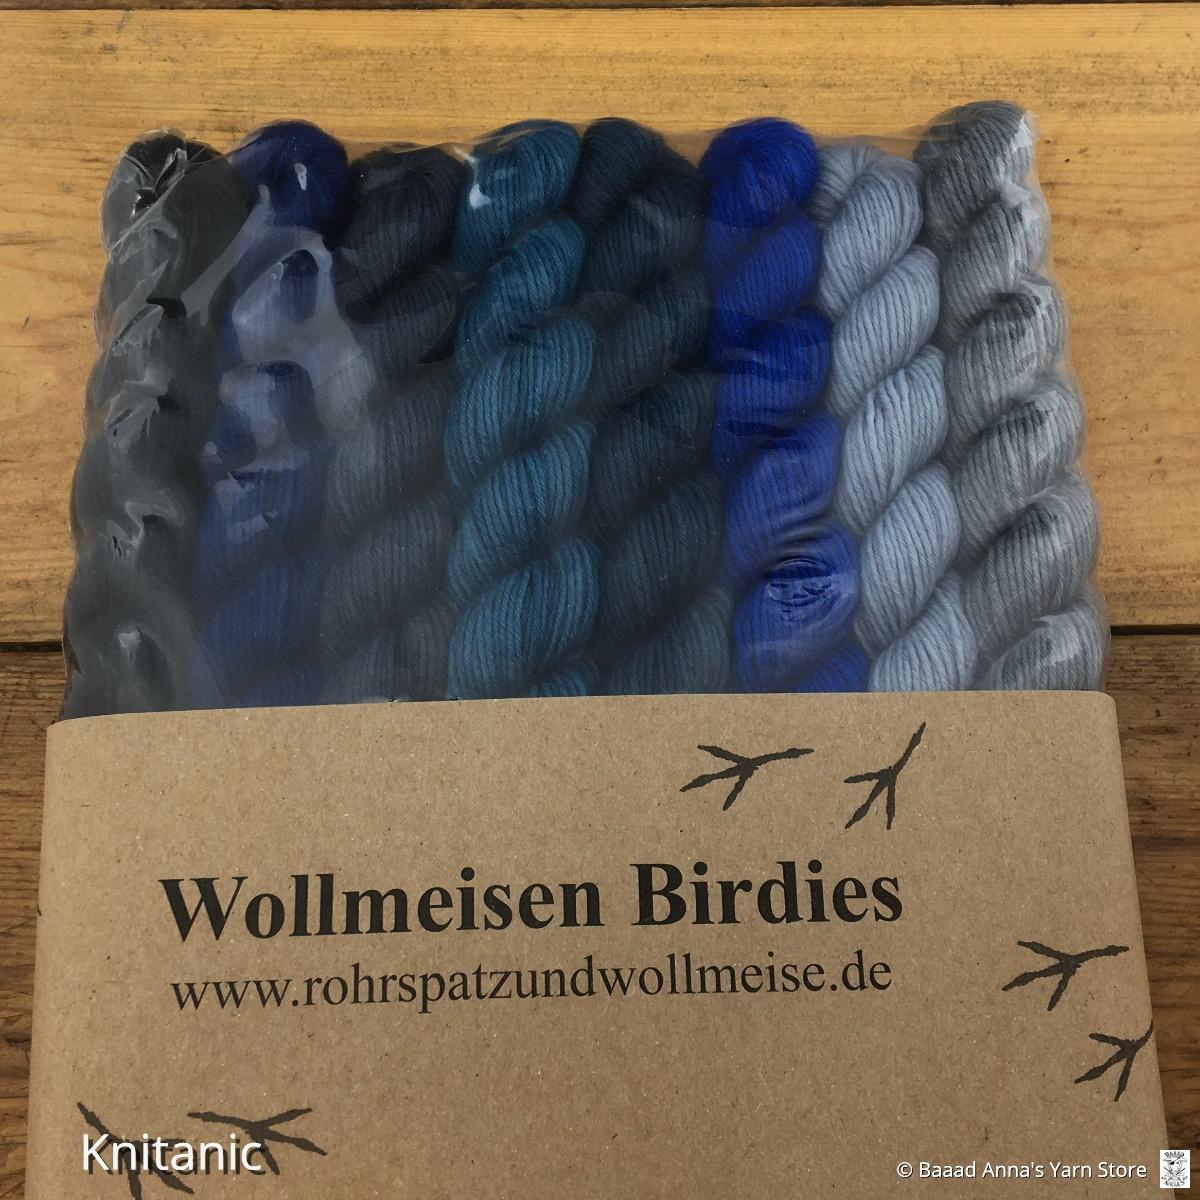 Rohrspatz & Wollmeise Wollmeise Twin Birdies 8pk